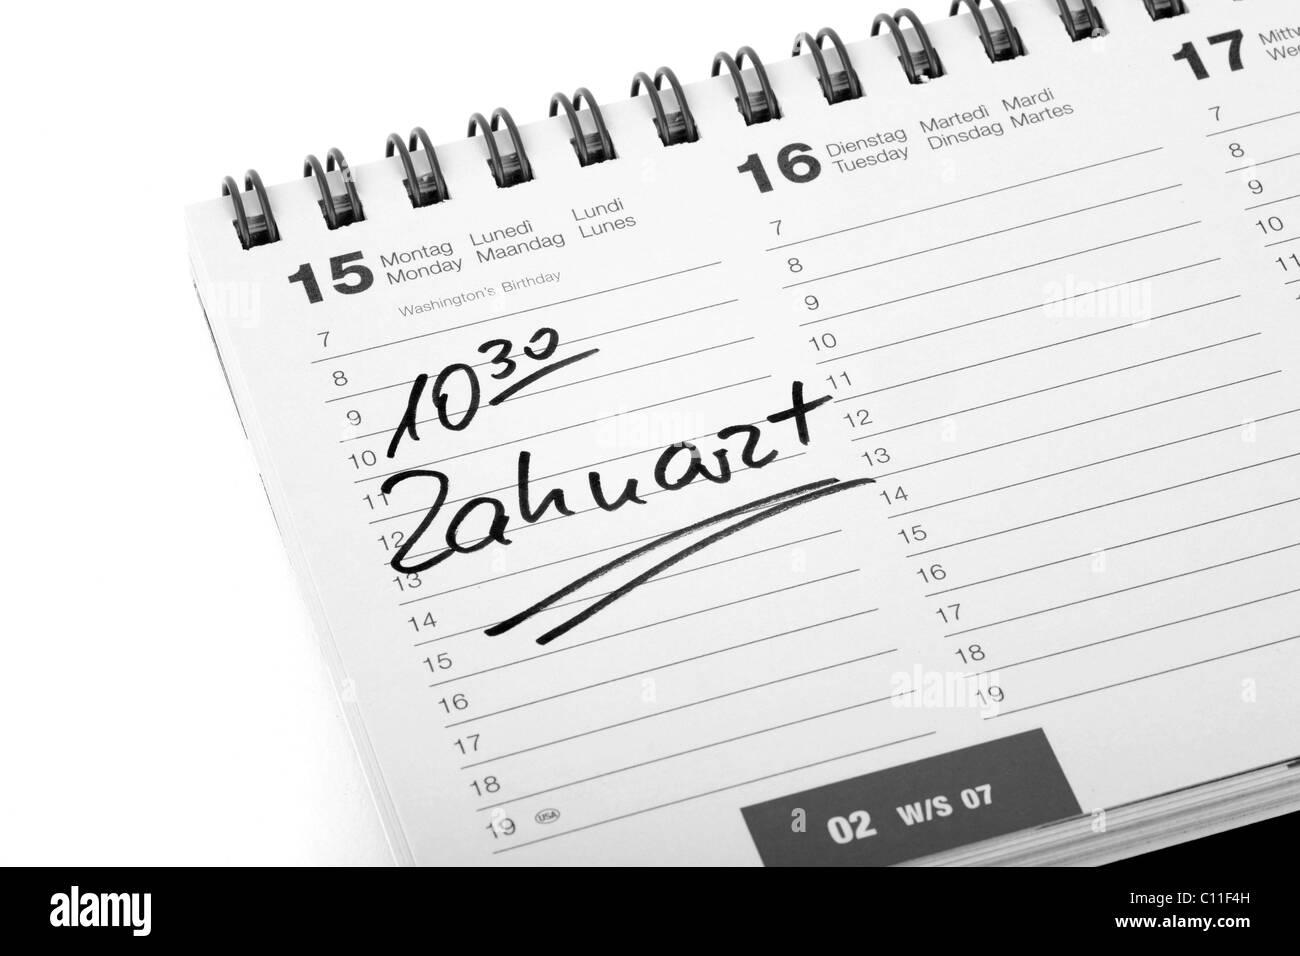 Zahnarzt Stock Photos & Zahnarzt Stock Images - Alamy